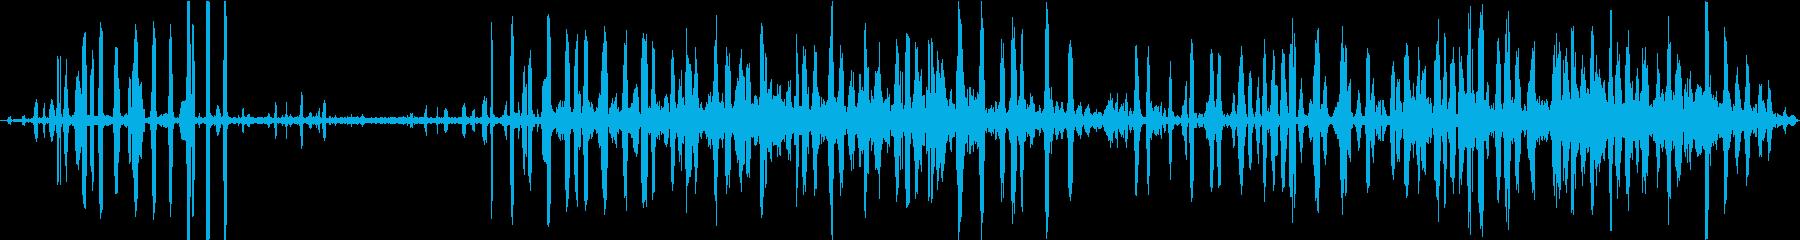 カエルの鳴き声 鳥 自然音 環境音 早朝の再生済みの波形